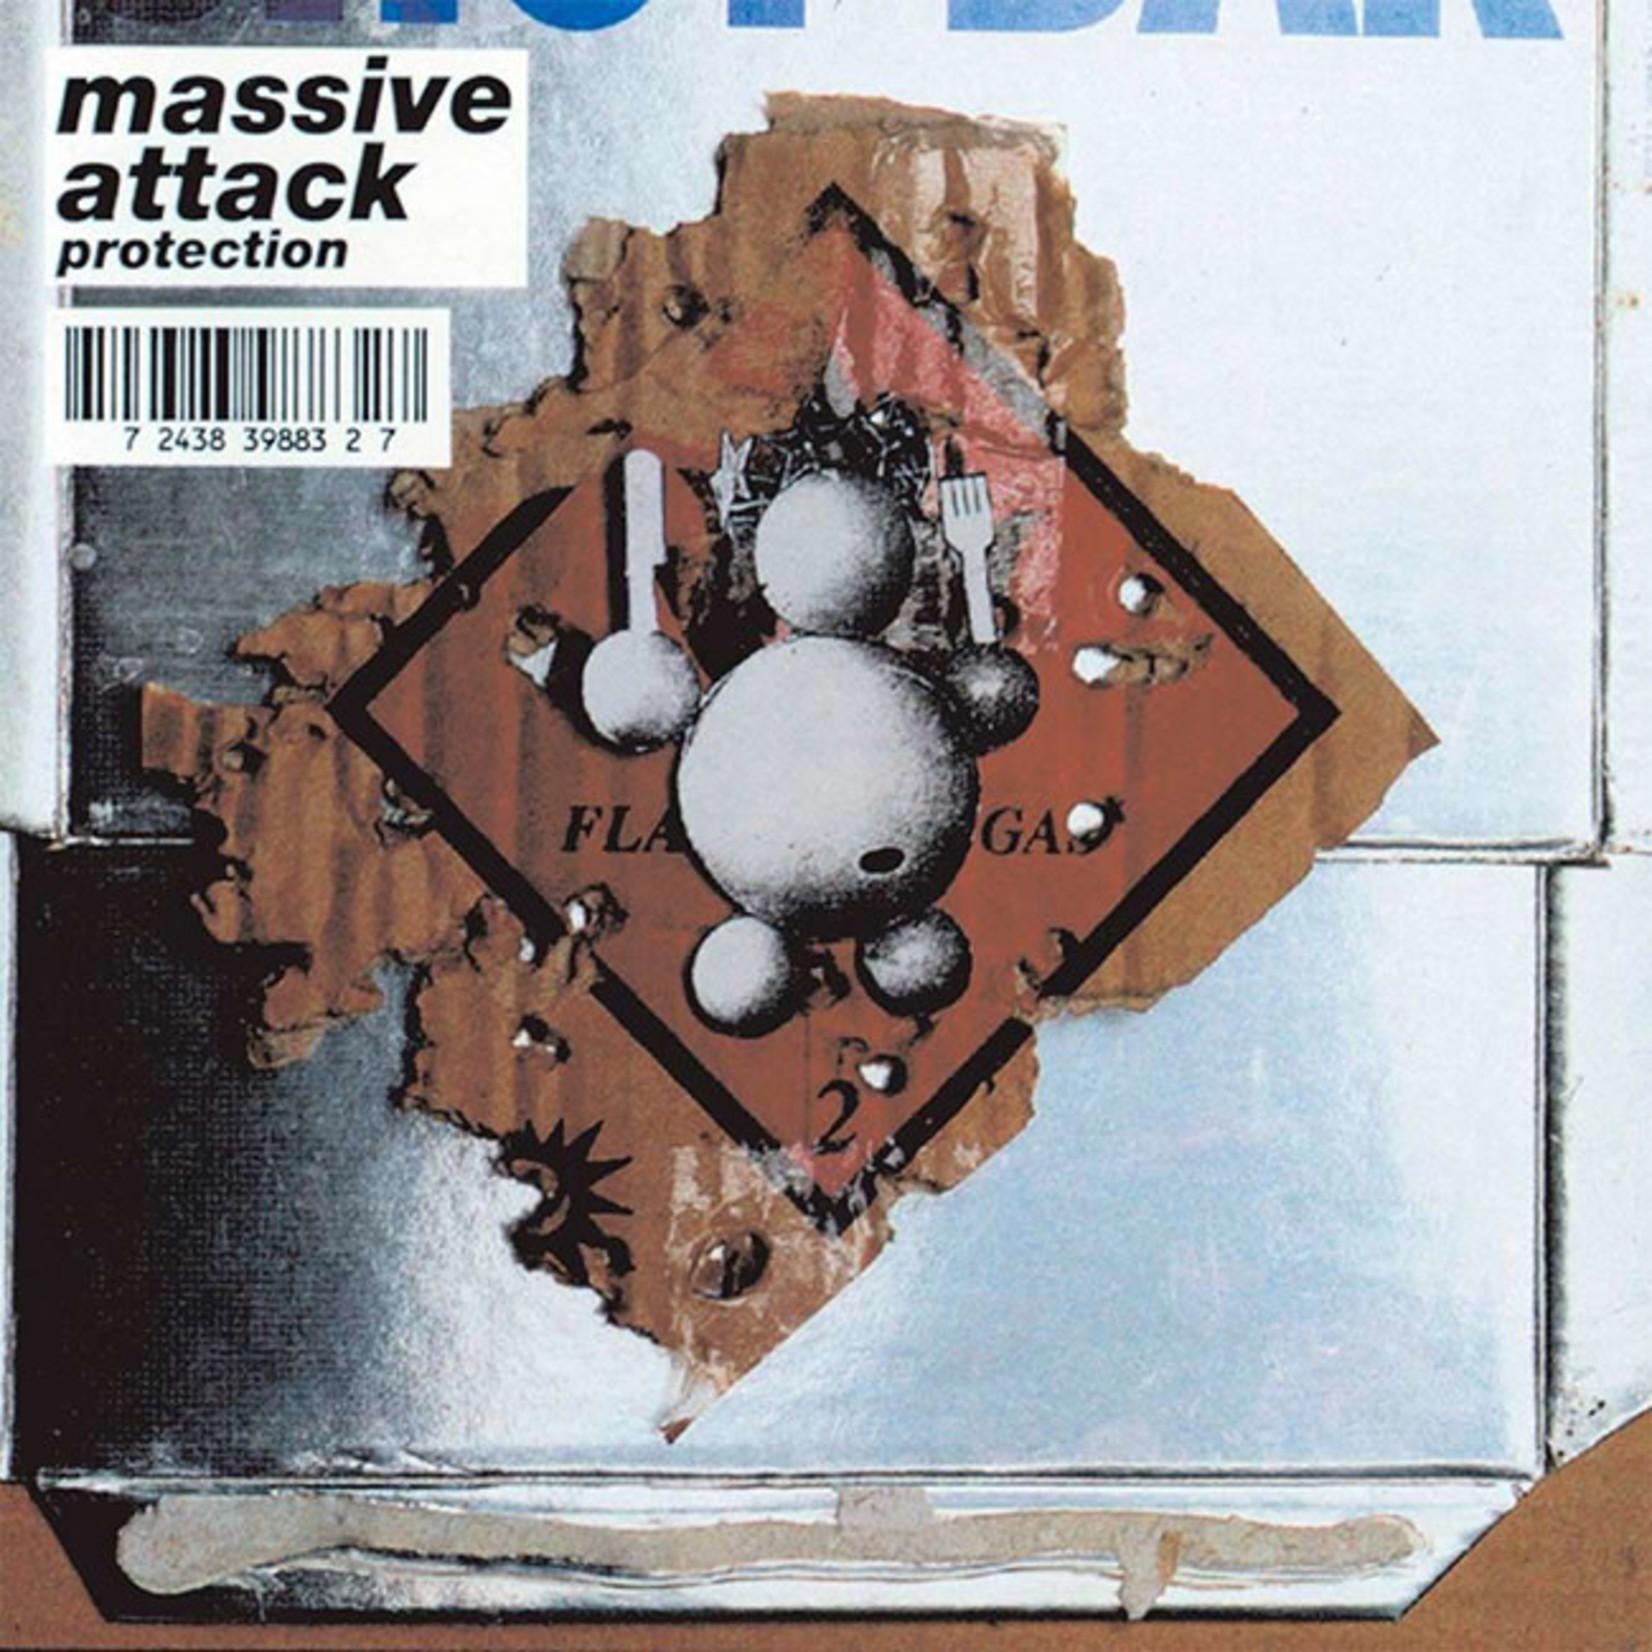 [New] Massive Attack: Protection